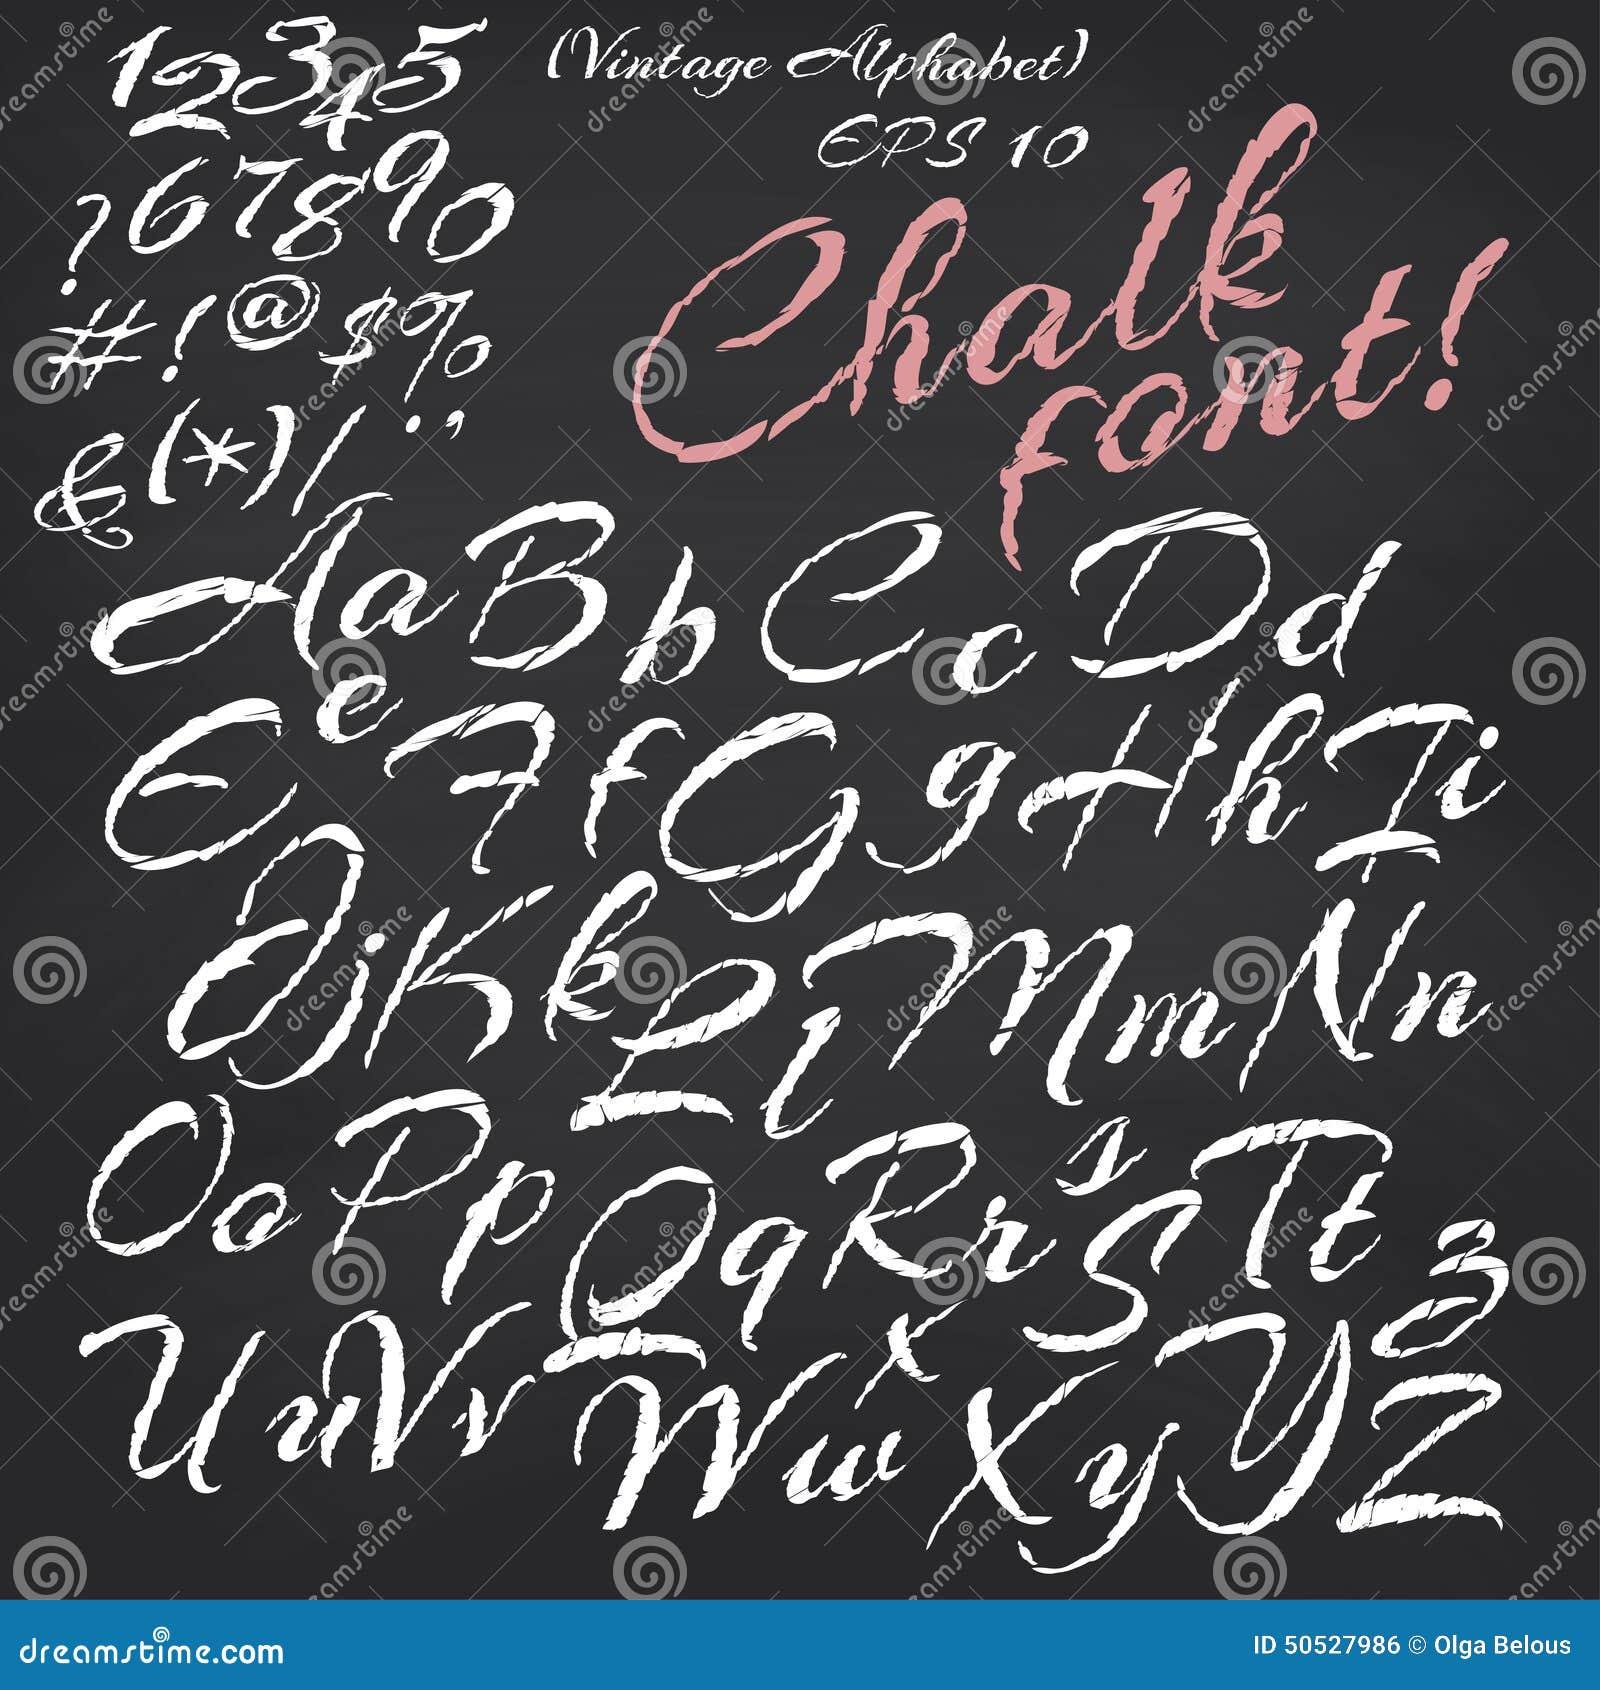 Lettering For Chalk Writing On Bottle